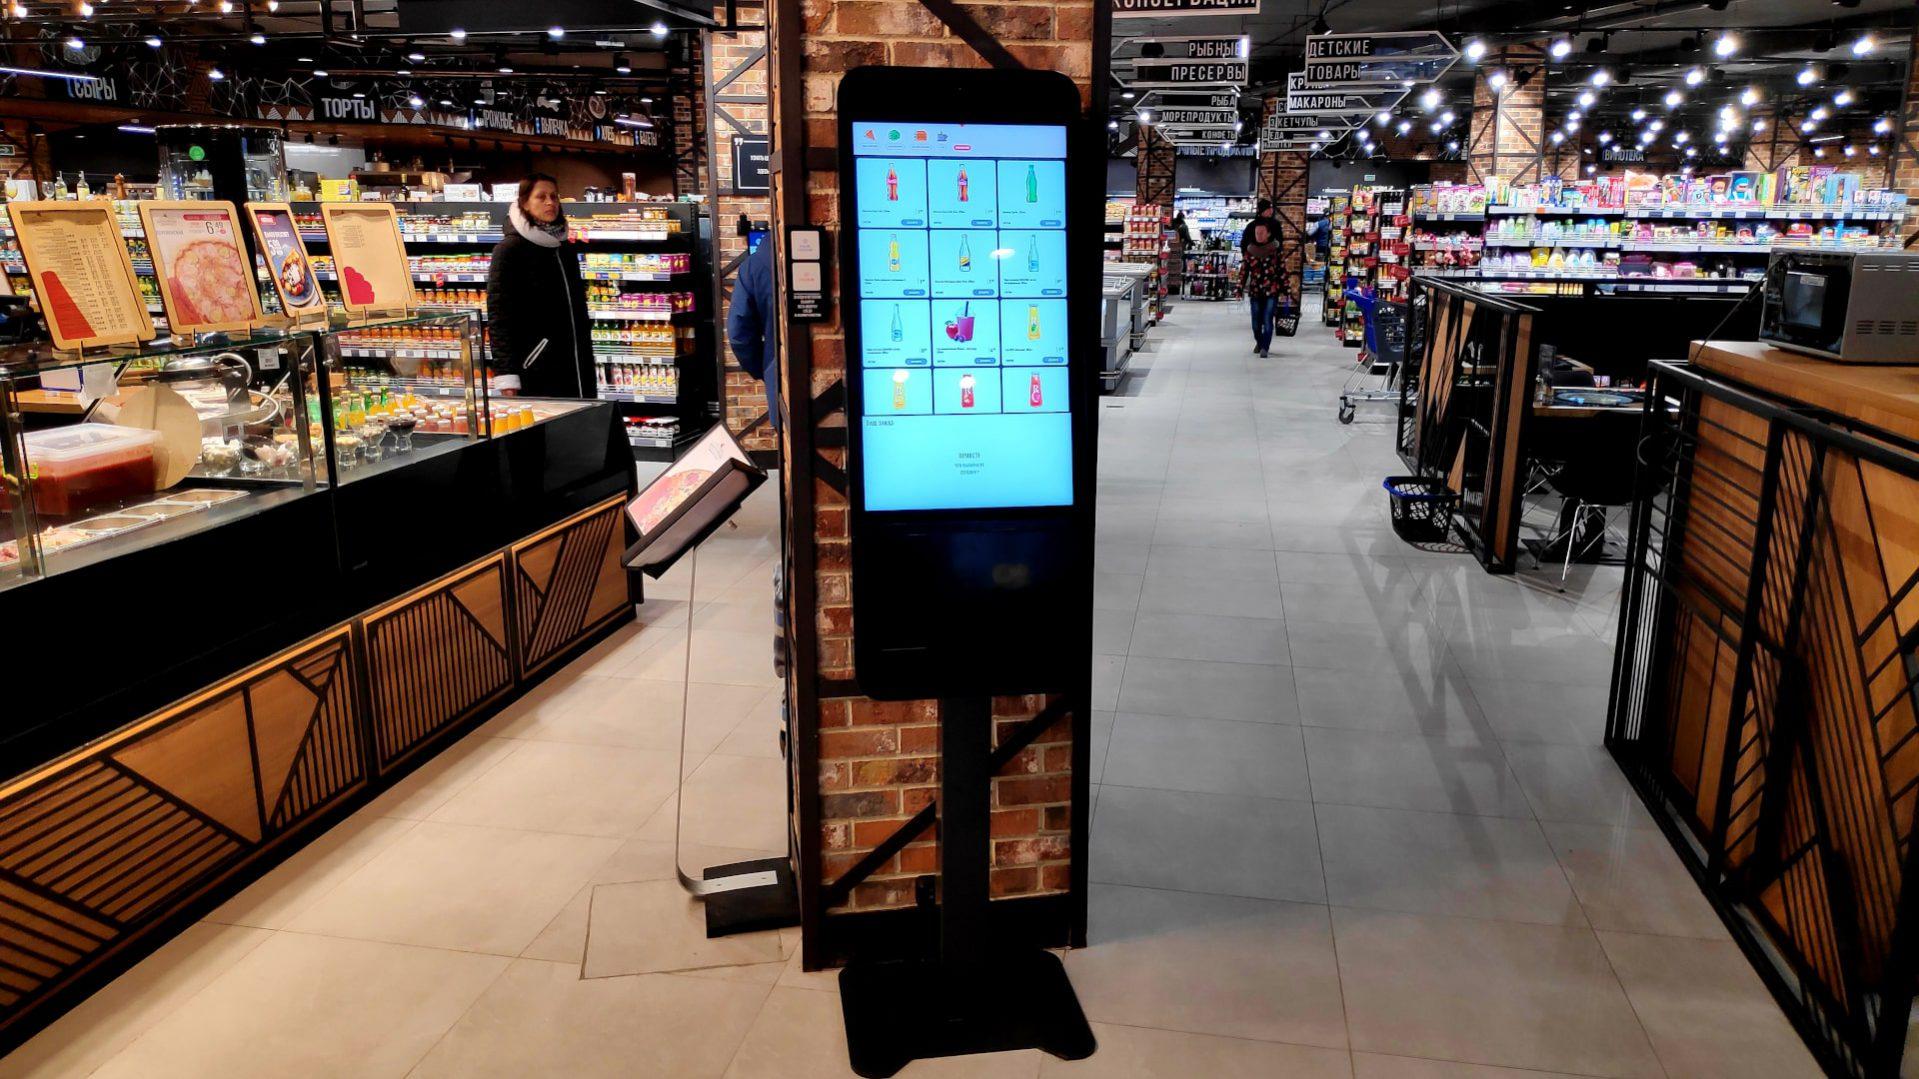 Терминал самообслуживания Q-10 в магазине Виталюр